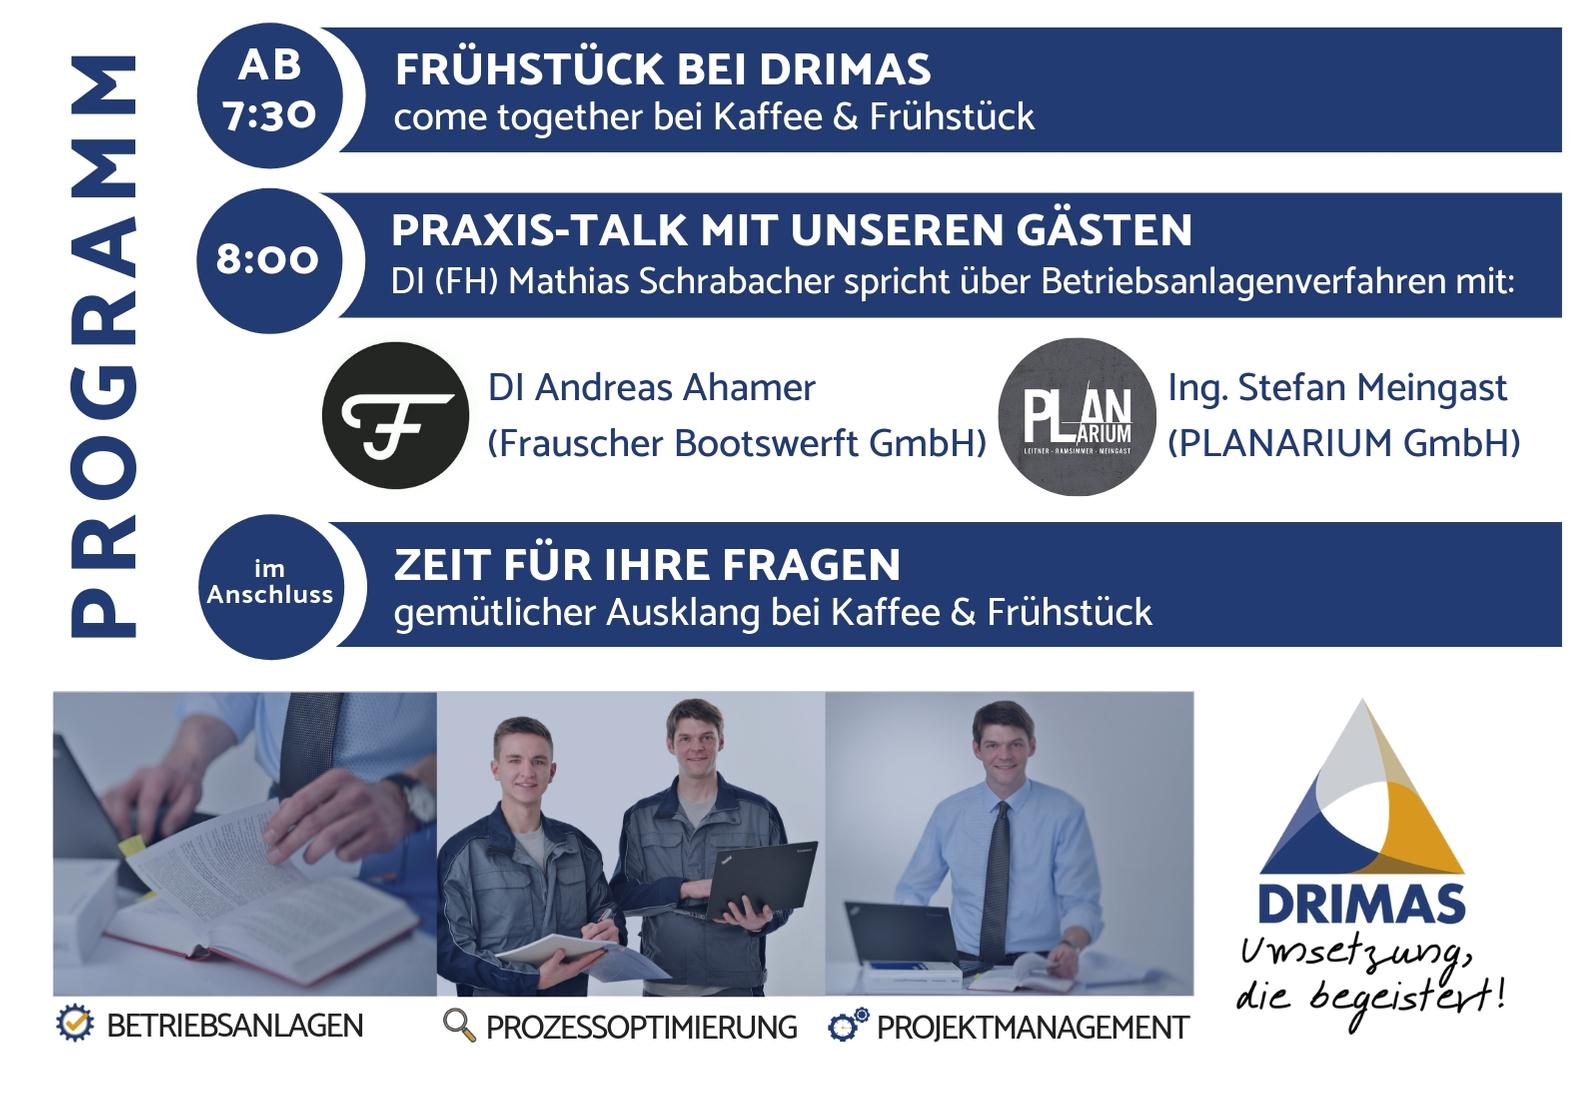 DRIMAS | Frühstück | Betriebsanlagen | Info | Betriebsanlagengenehmigungsverfahren